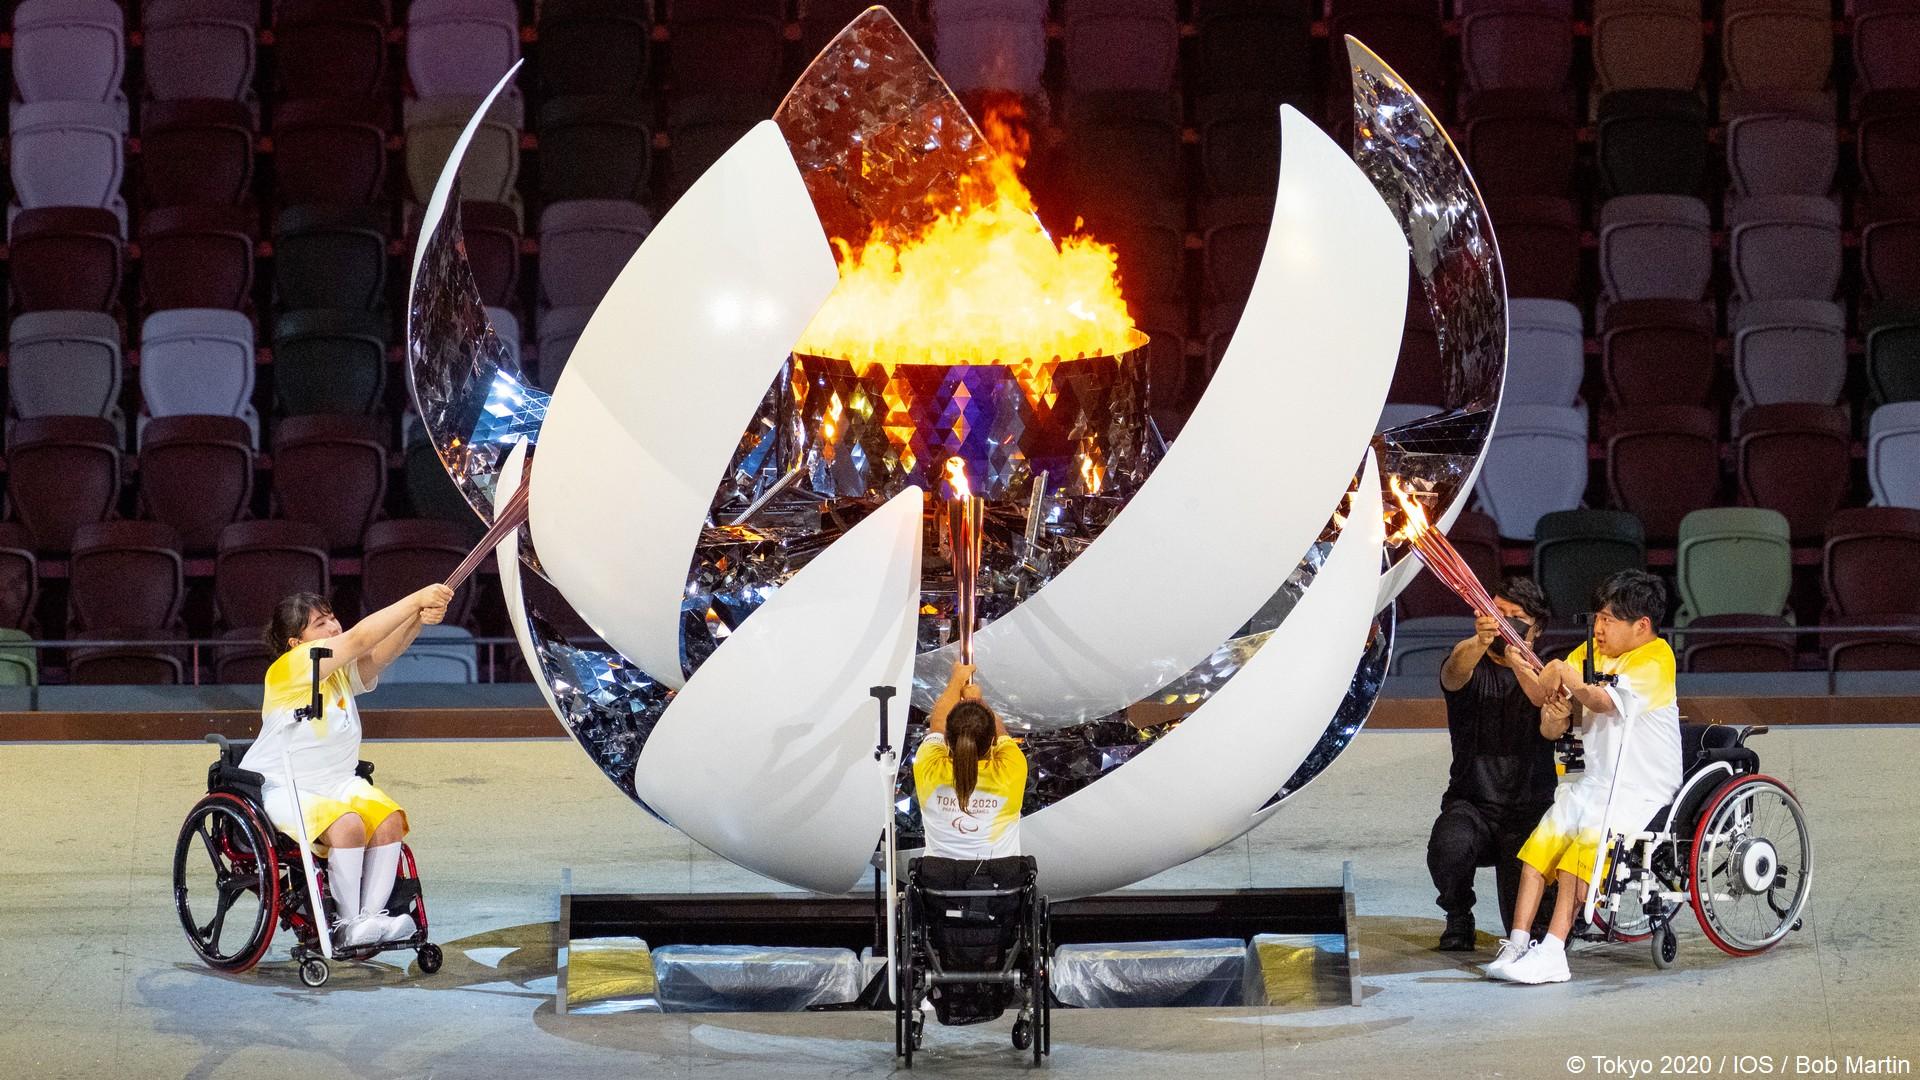 Tokyo 2020 – Paralympiques (8) Ceremonie ouverture